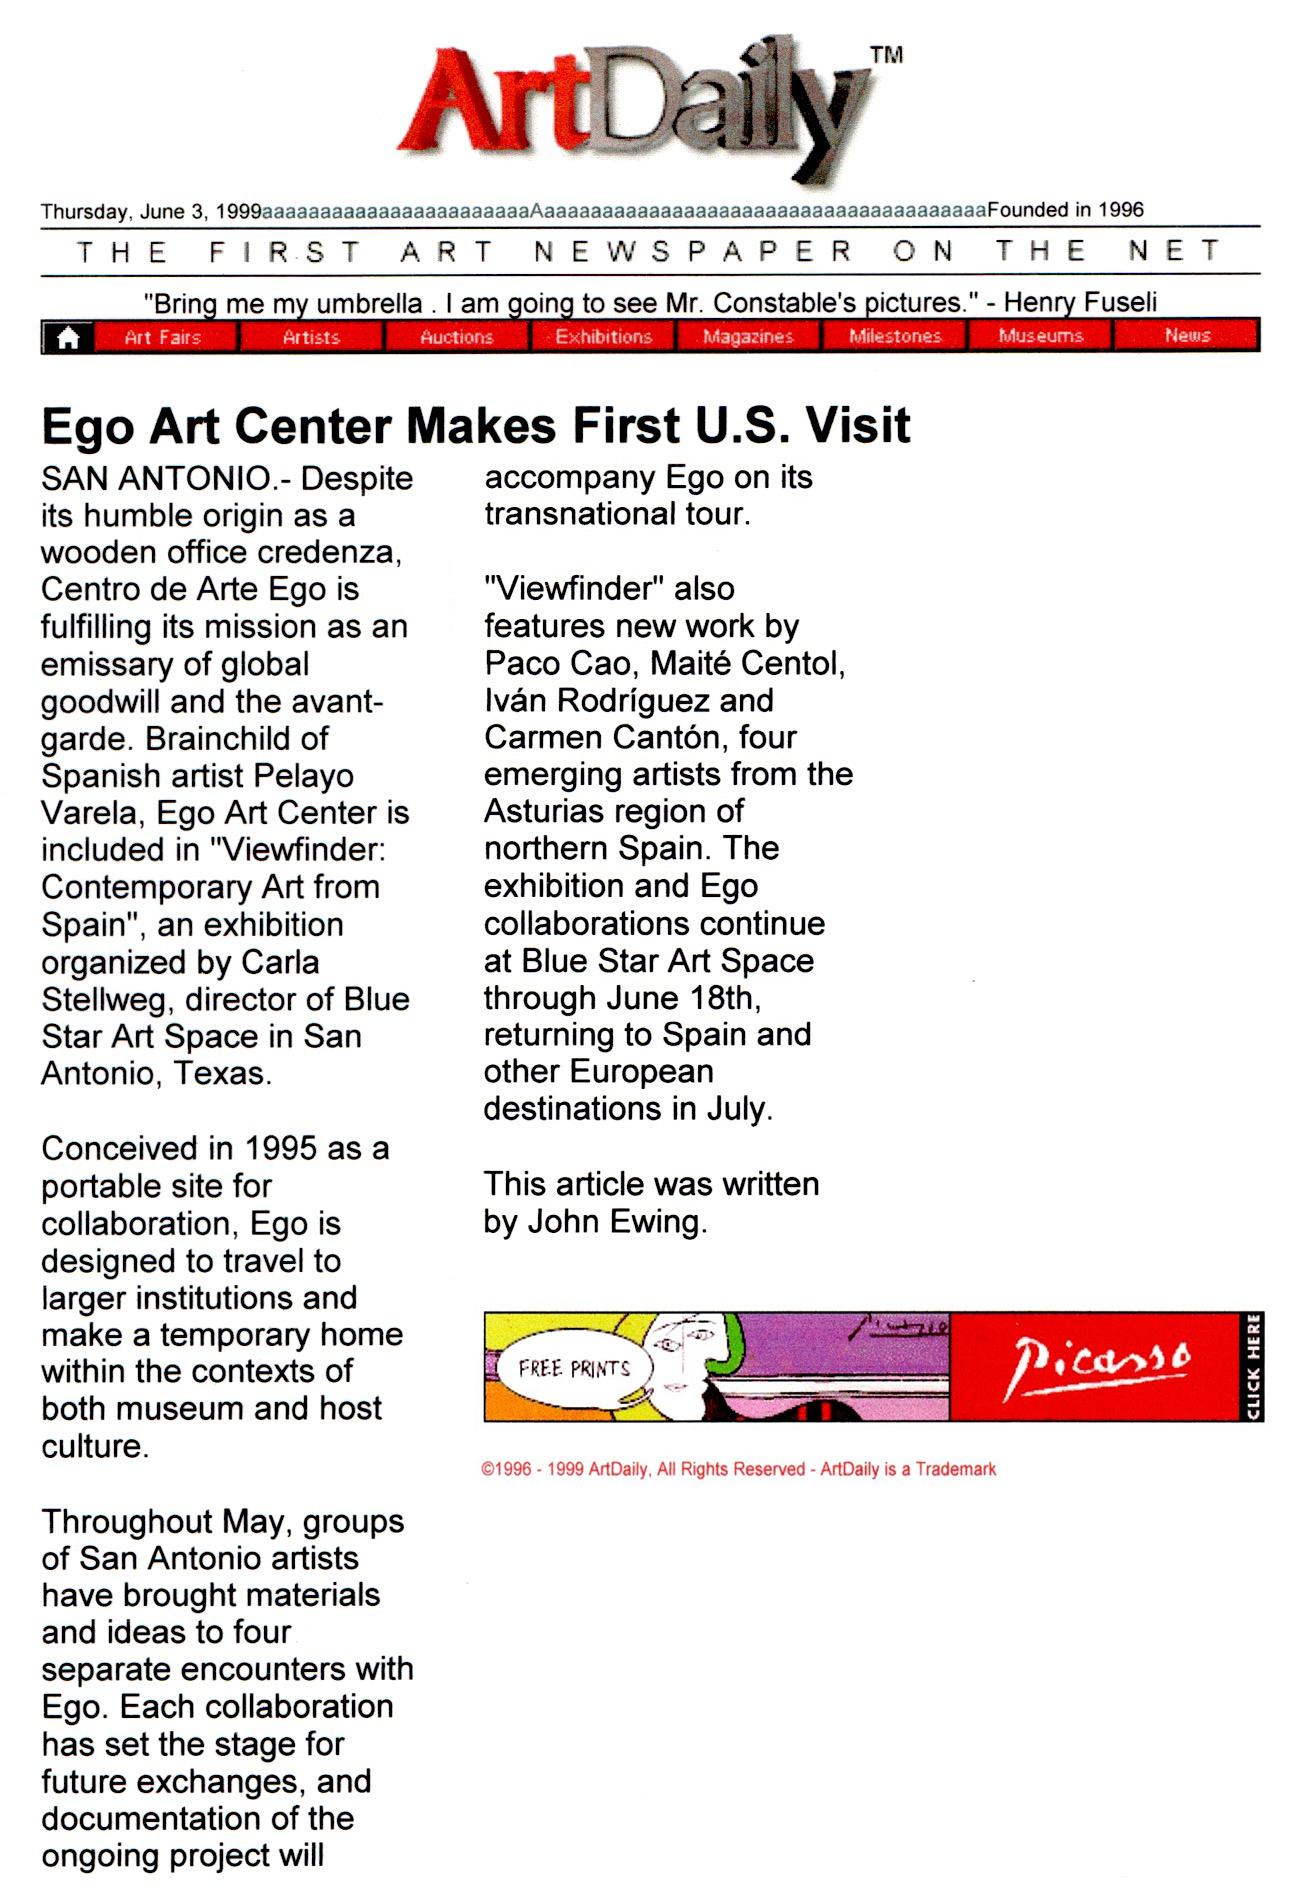 ArtDaily.com_1999_Ego Art Center